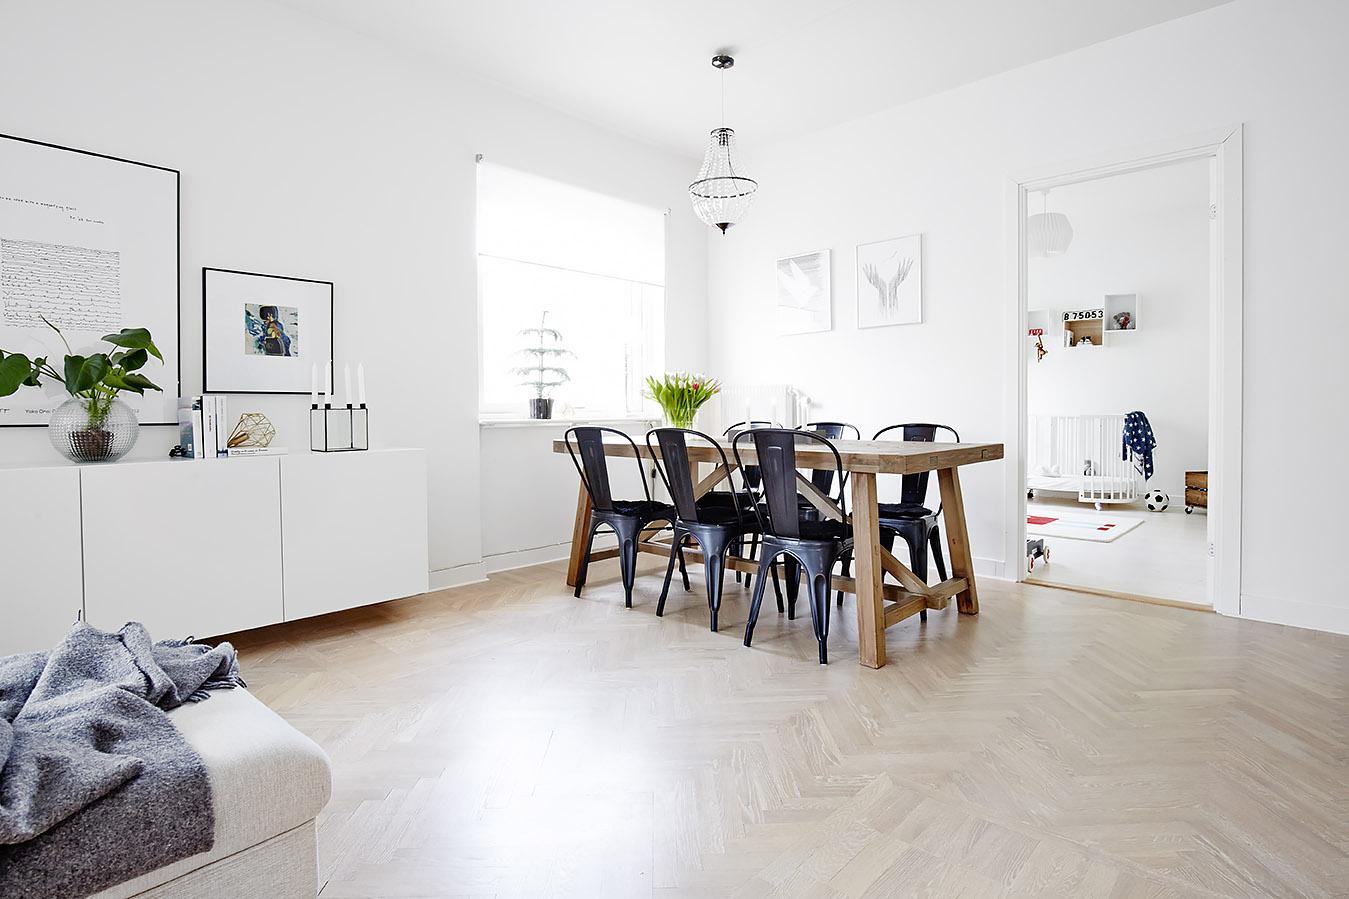 Witte Houten Vloer : Witte houten vloer in keuken. cheap het kleur en is simpel gehouden